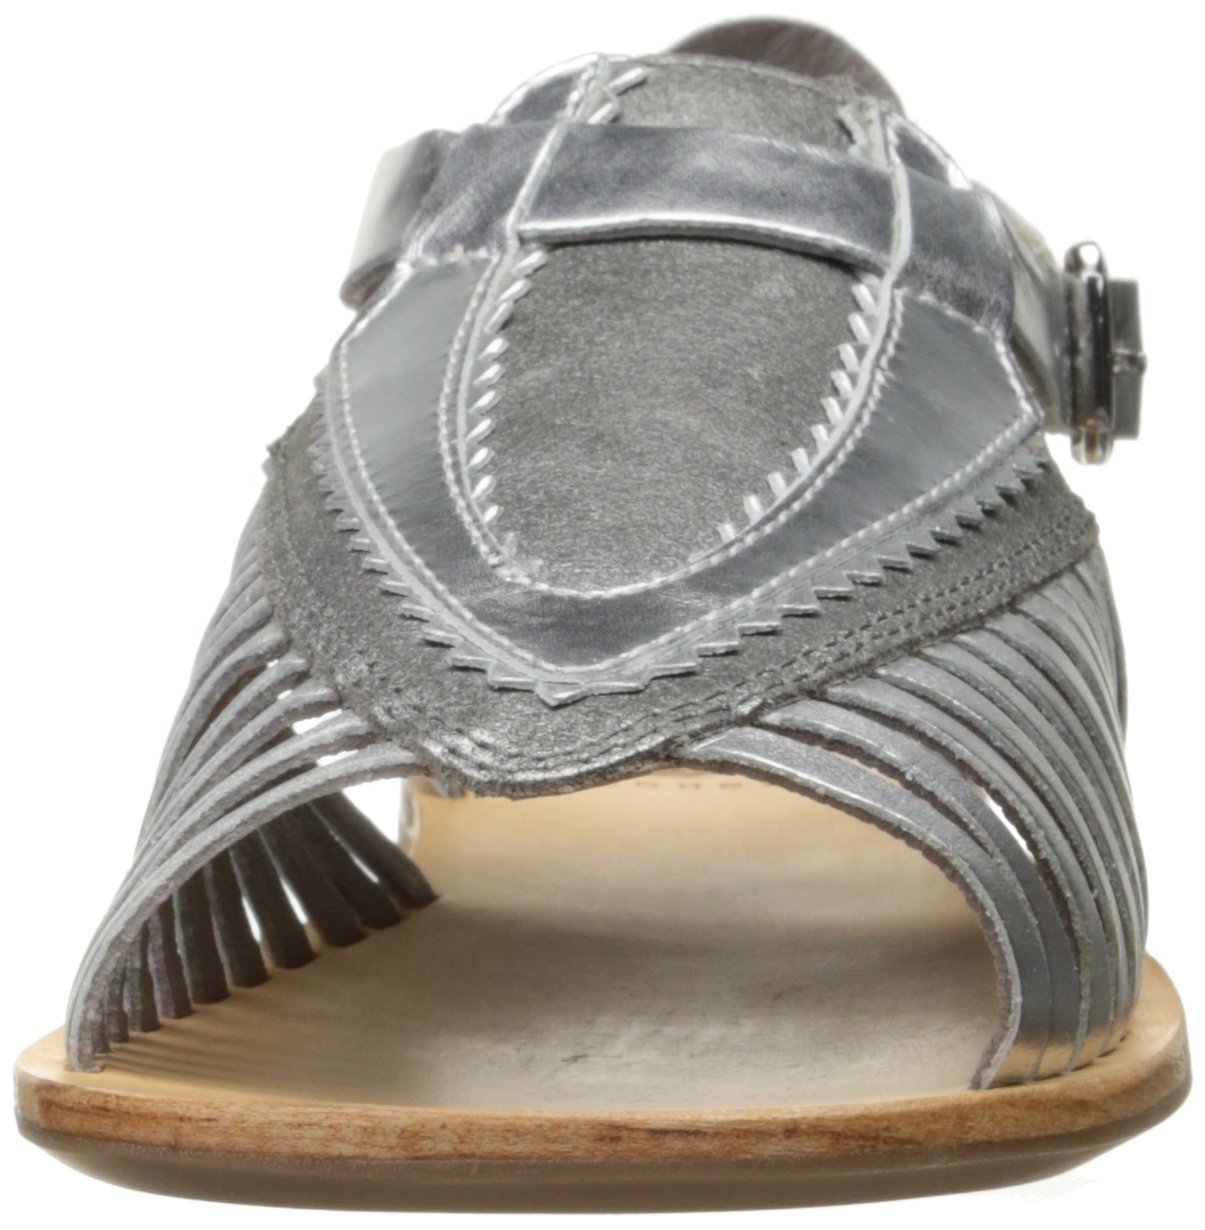 H by Hudson Women's Pansy Multi Flat Sandal B01LZUGLZN 40 M EU / 9 B(M) US|Silver